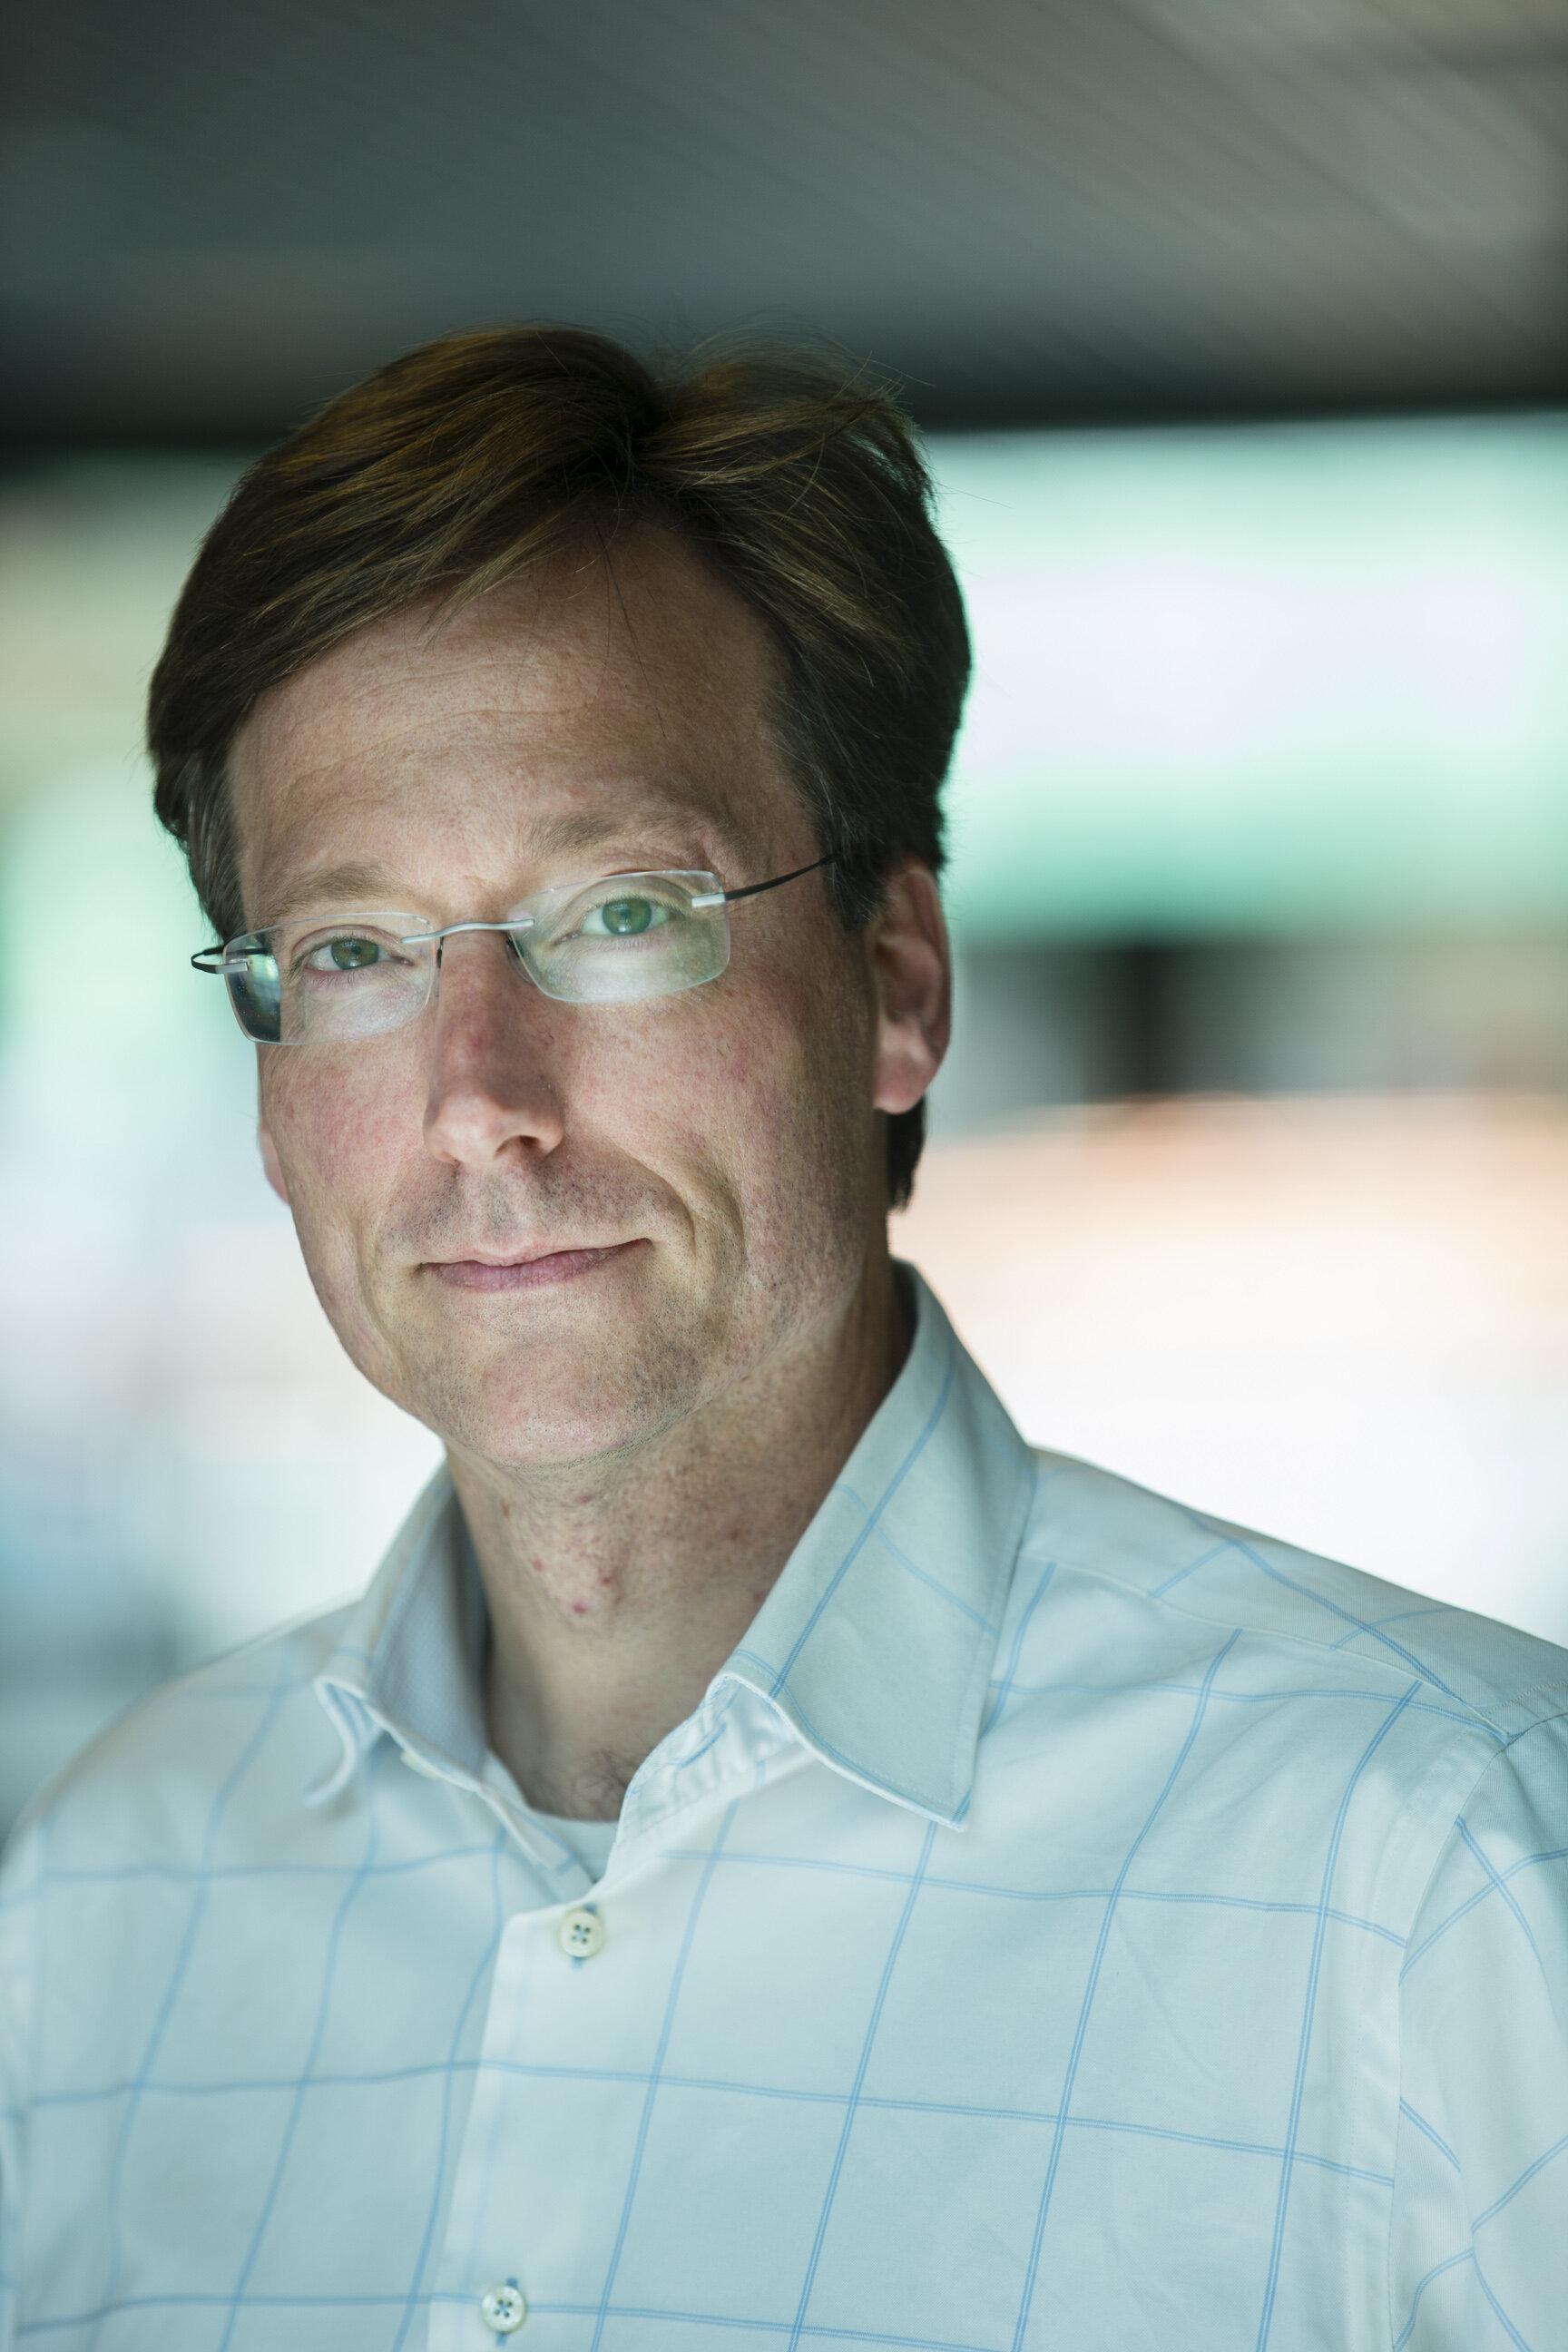 Wilhelm Huck hoogleraar hoogleraar fysische organische chemie